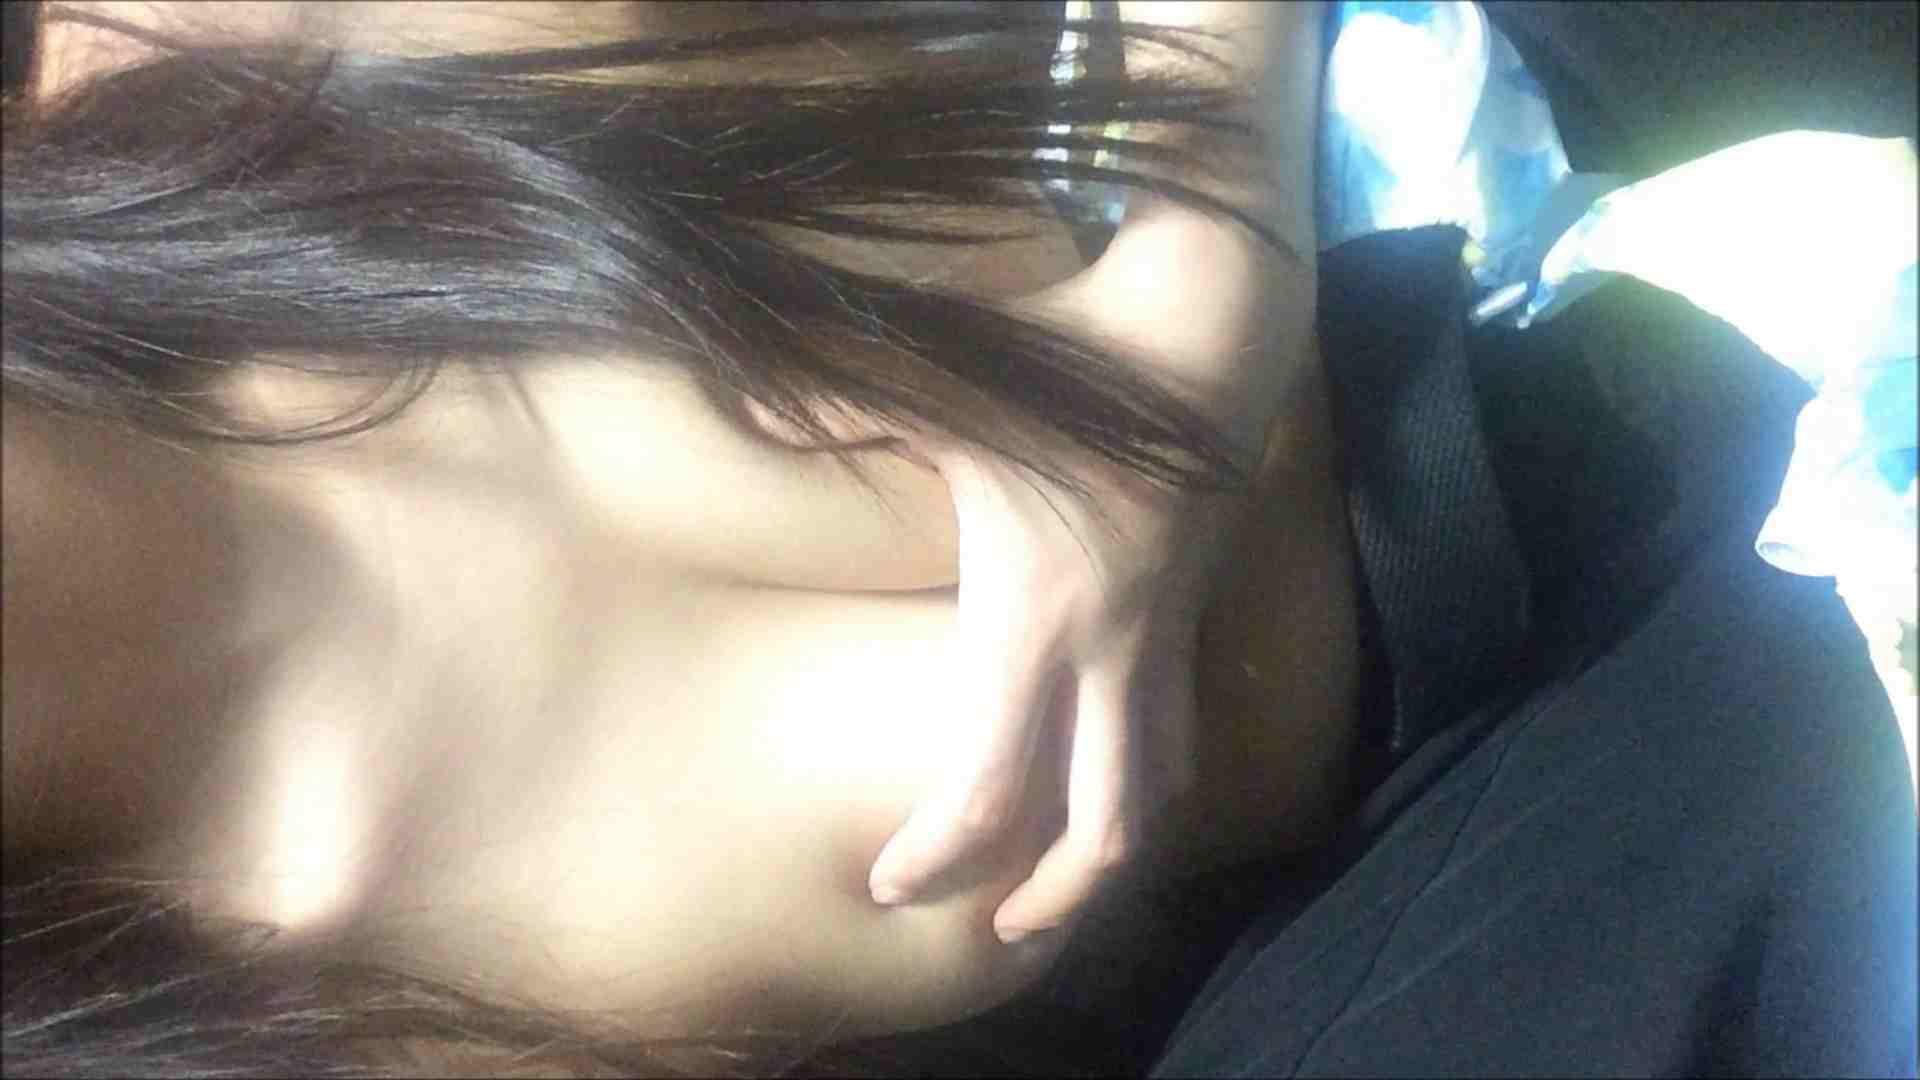 【自撮り調教】 Vol.01 JD3年・まゆみちゃん① 高画質 SEX無修正画像 51画像 4